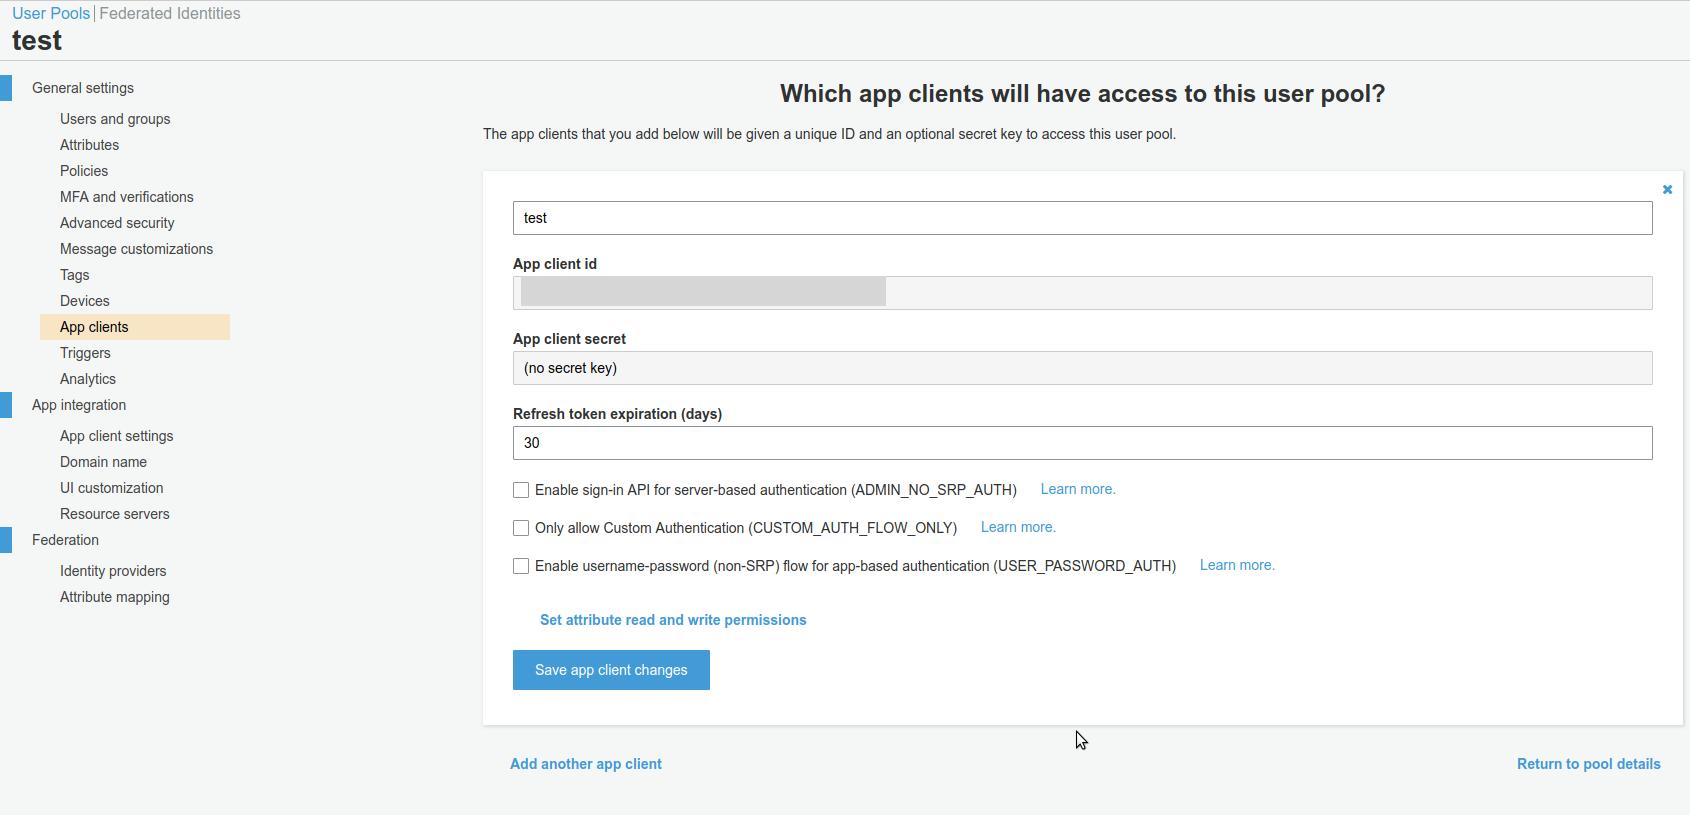 app_clients.png